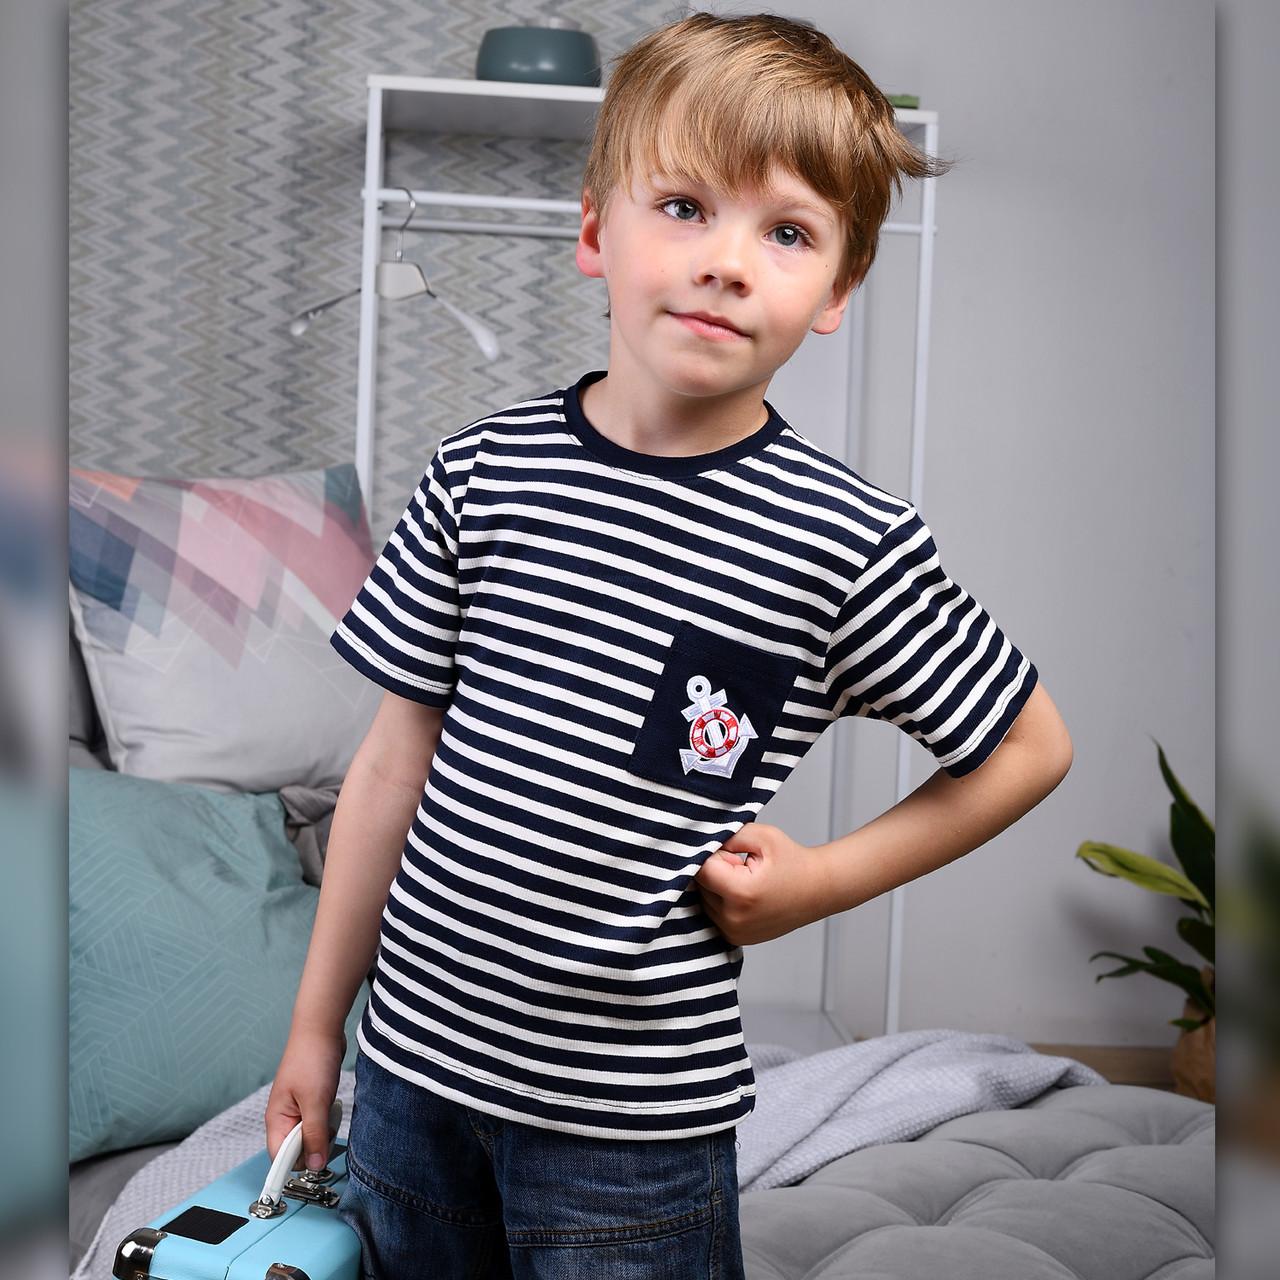 """Детская футболка """"Якорь"""" из полотна-рубчик для мальчиков и девочек   Дитяча футболка"""